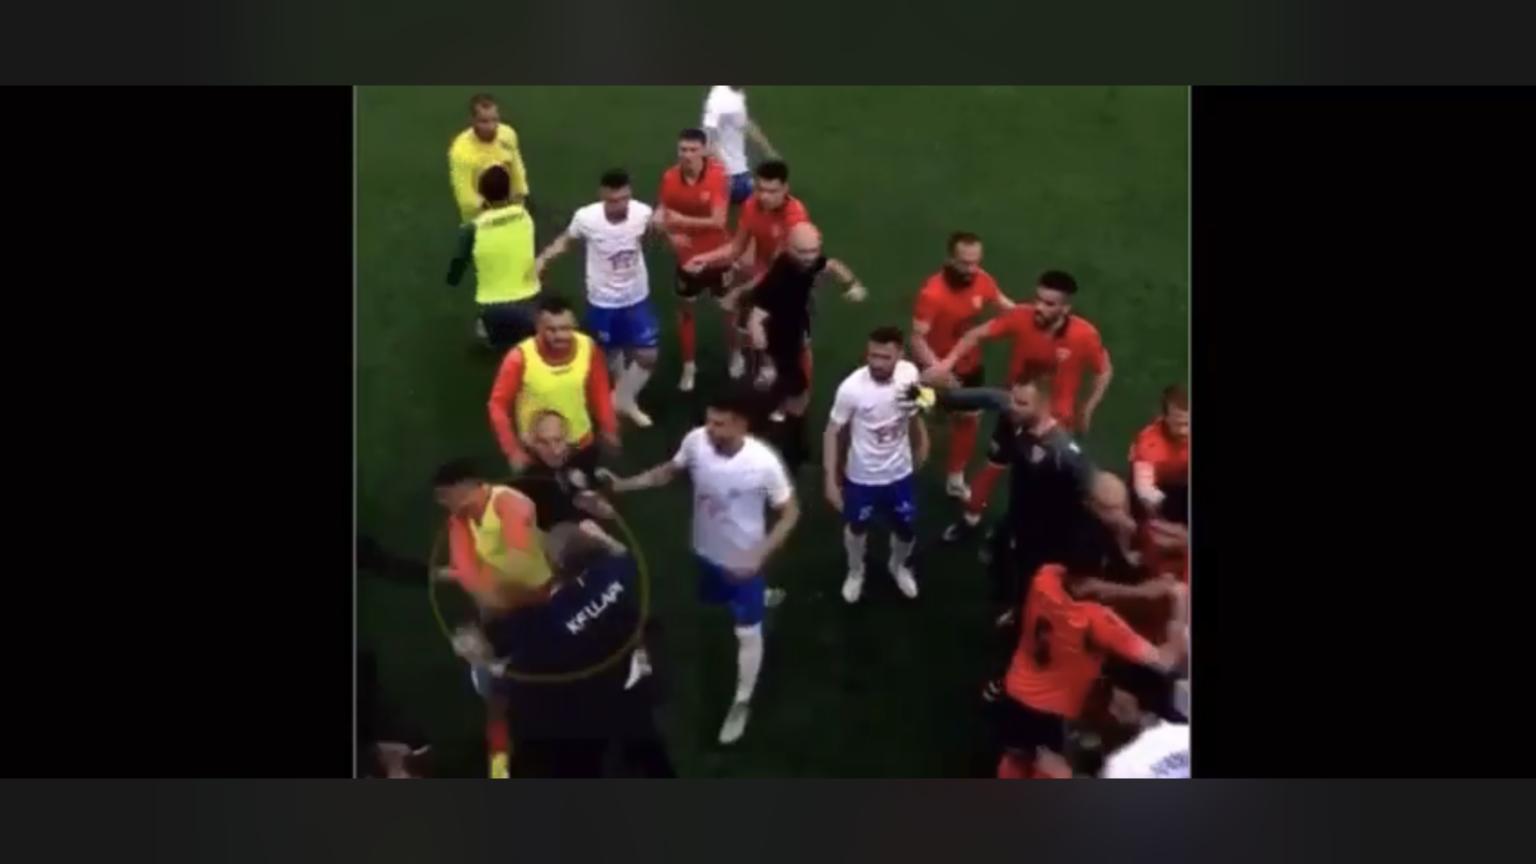 Ballkani publikon pamje ku shihet trajneri i Llapit duke e goditur lojtarin suharekas